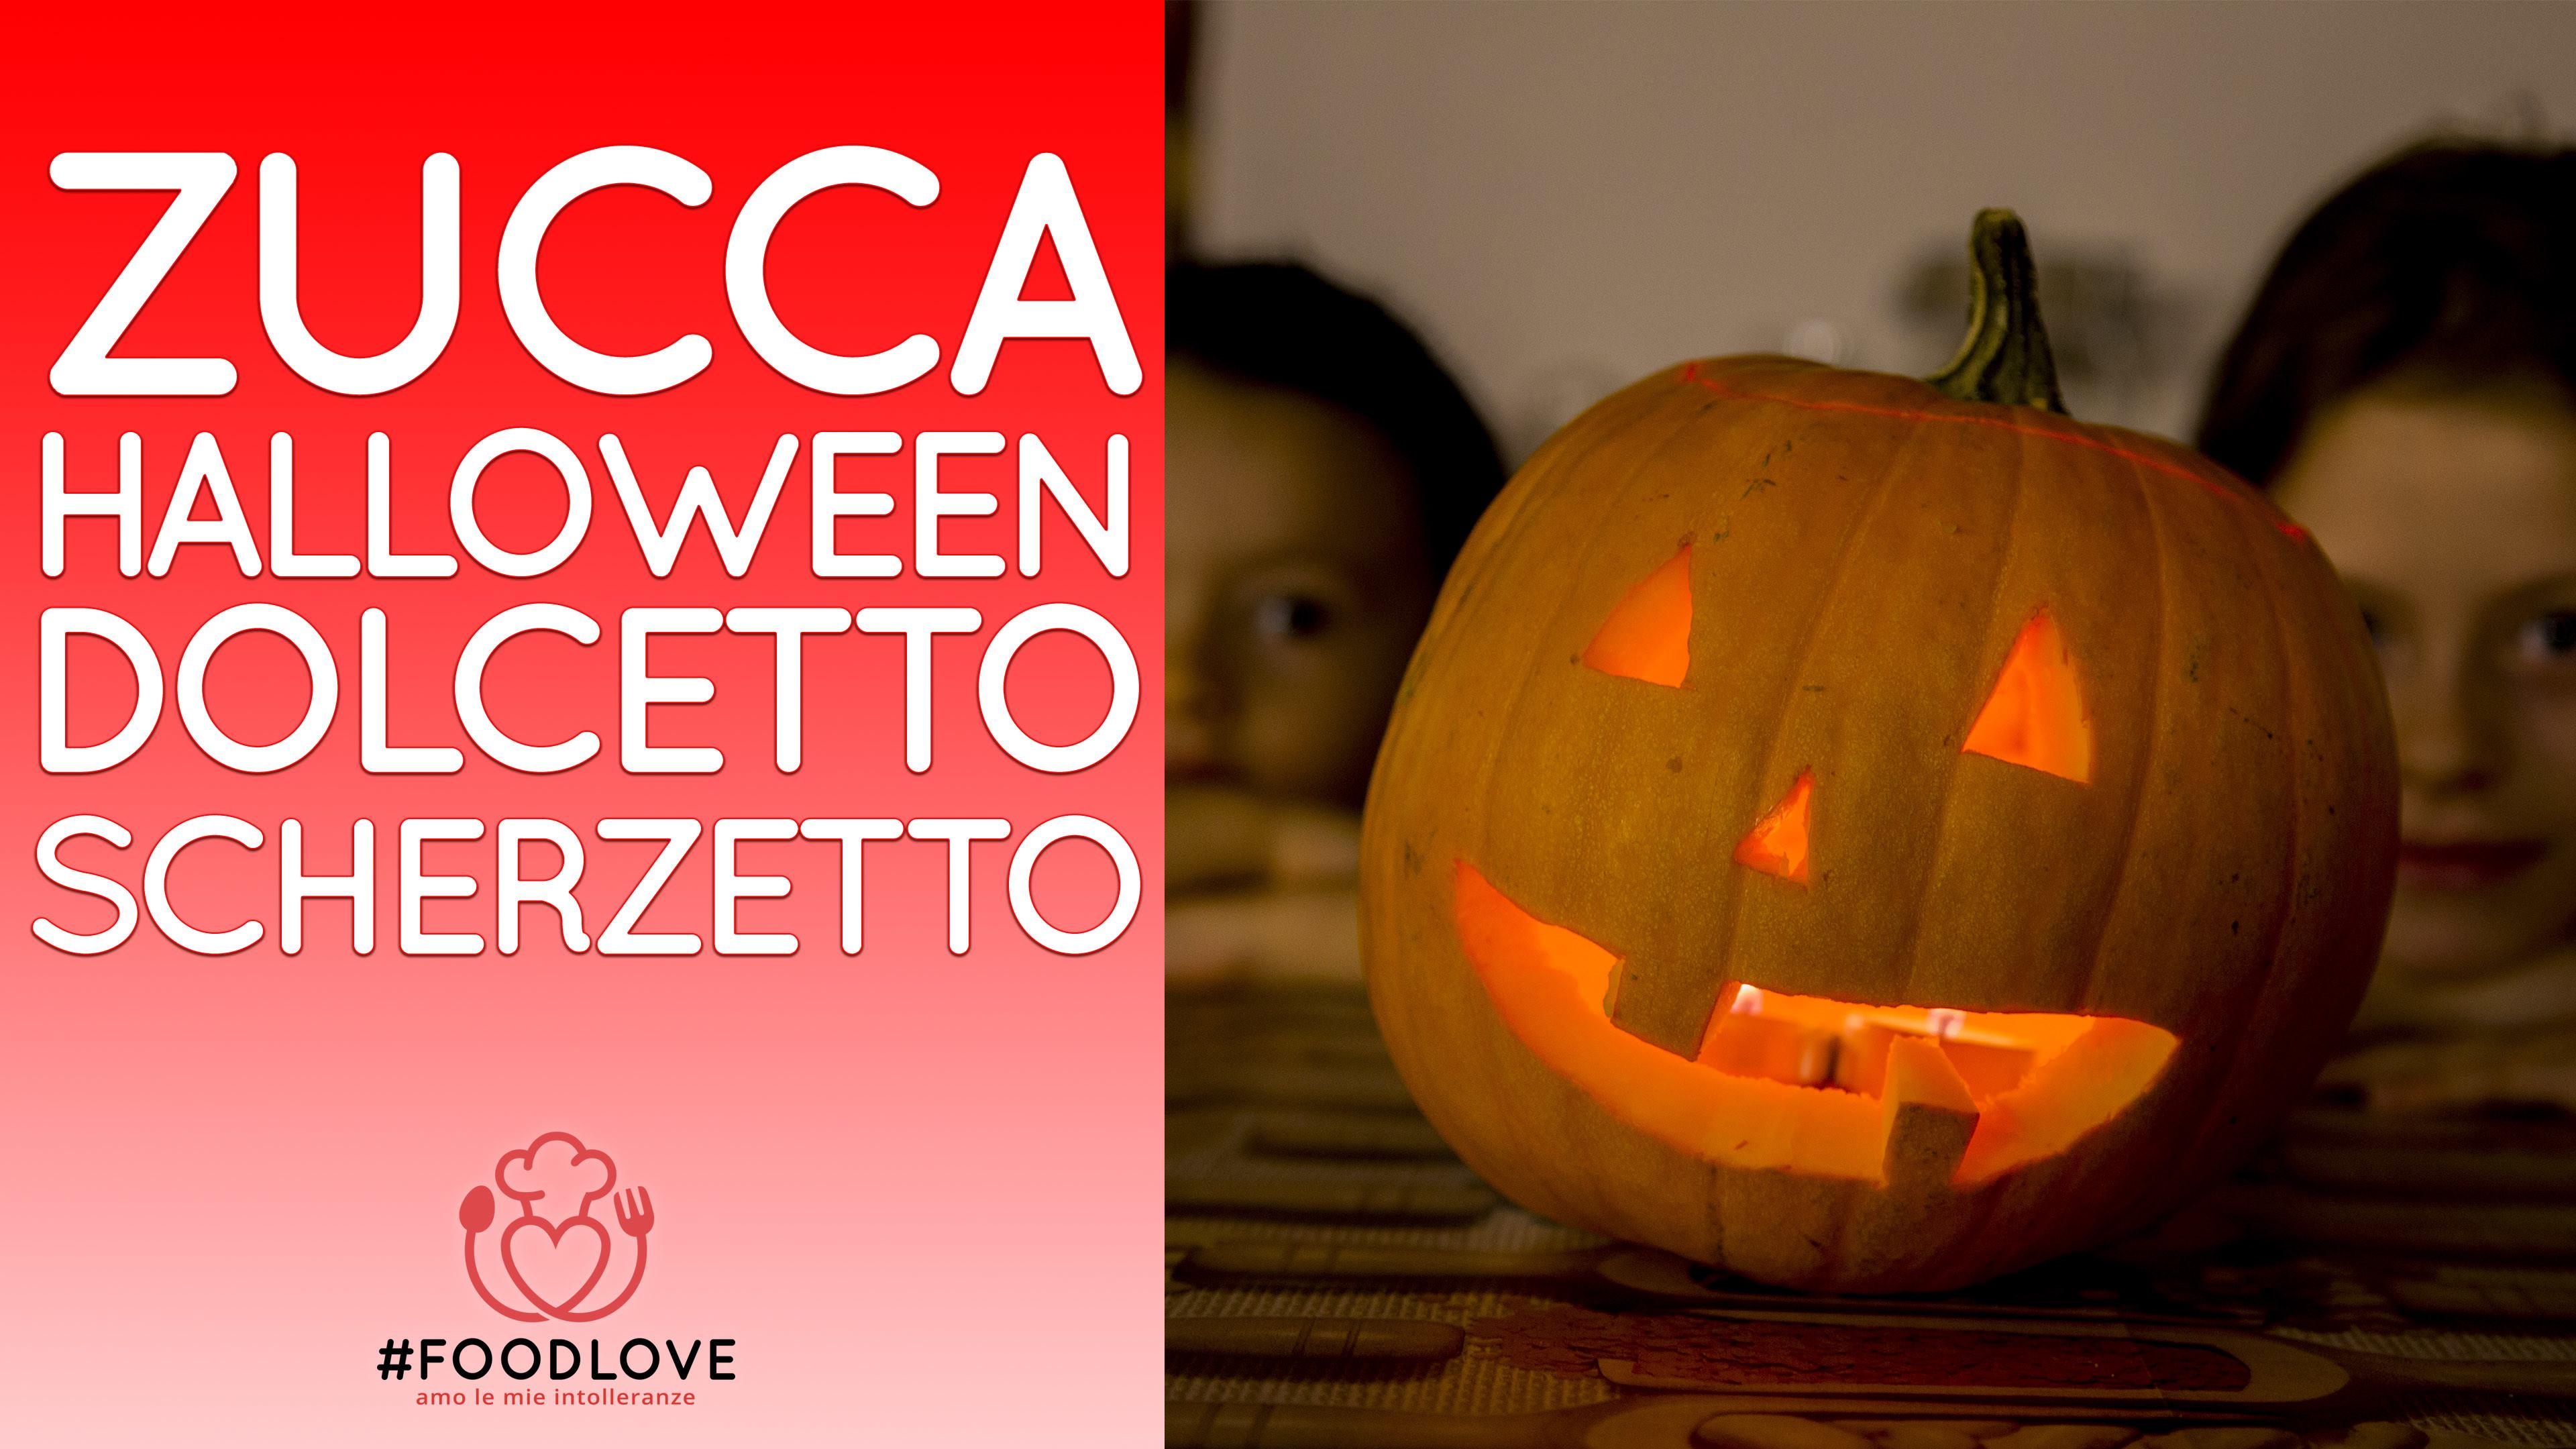 Intagliare Zucca Per Halloween Disegni tutorial zucca di halloween, come intagliarla e farla durare